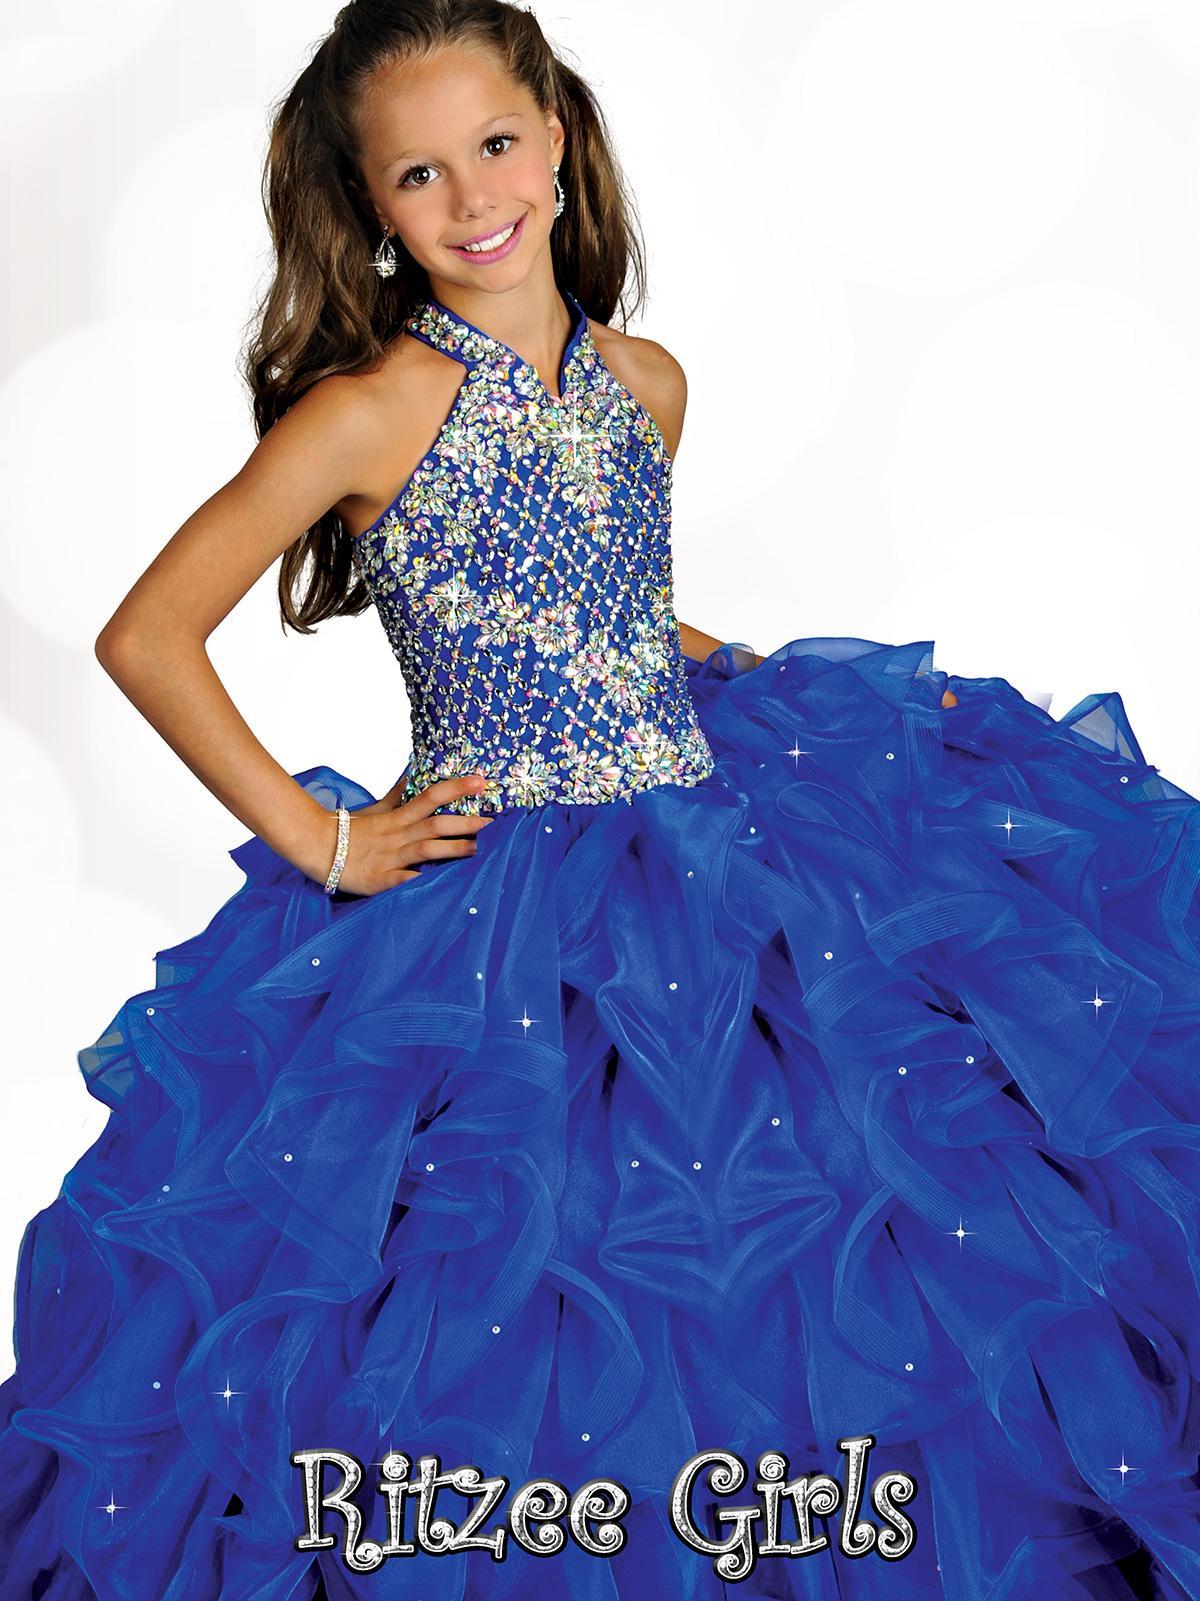 Cristaux Perle bretelles Bleu filles Pageant Robes 2019 Halter Neck Little Kids Flower Girls Dress Volants Première Sainte hiérarchisé Robe Communion